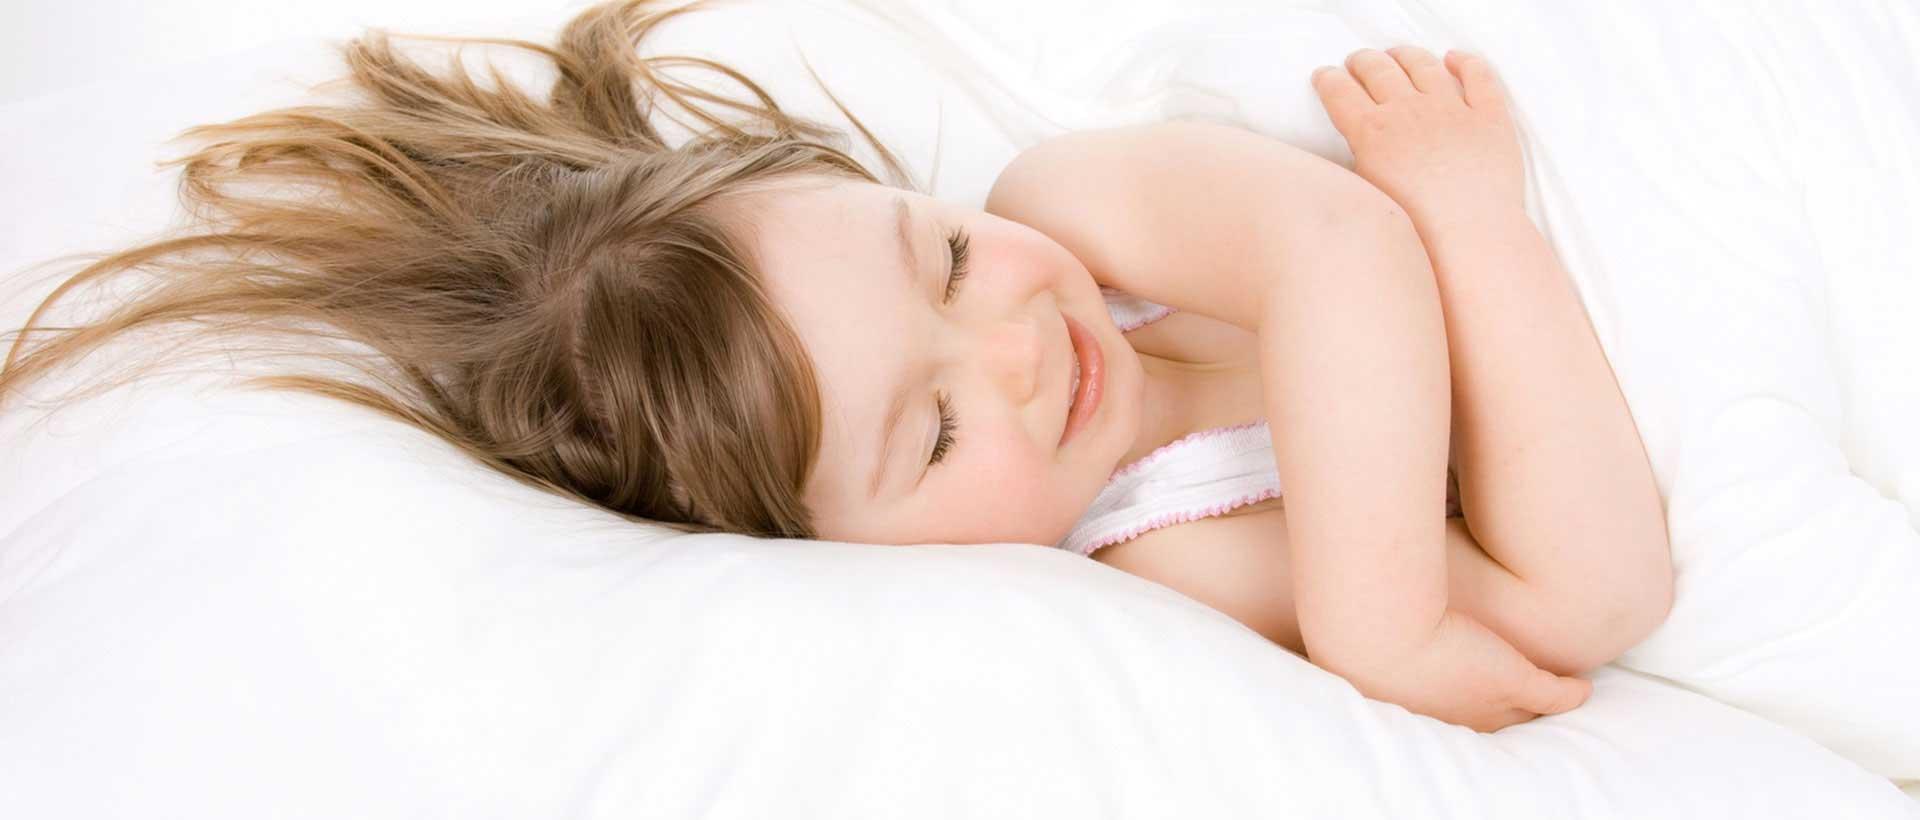 Riesgos de dormir en un colch n inadecuado - Los mejores colchones para descansar ...